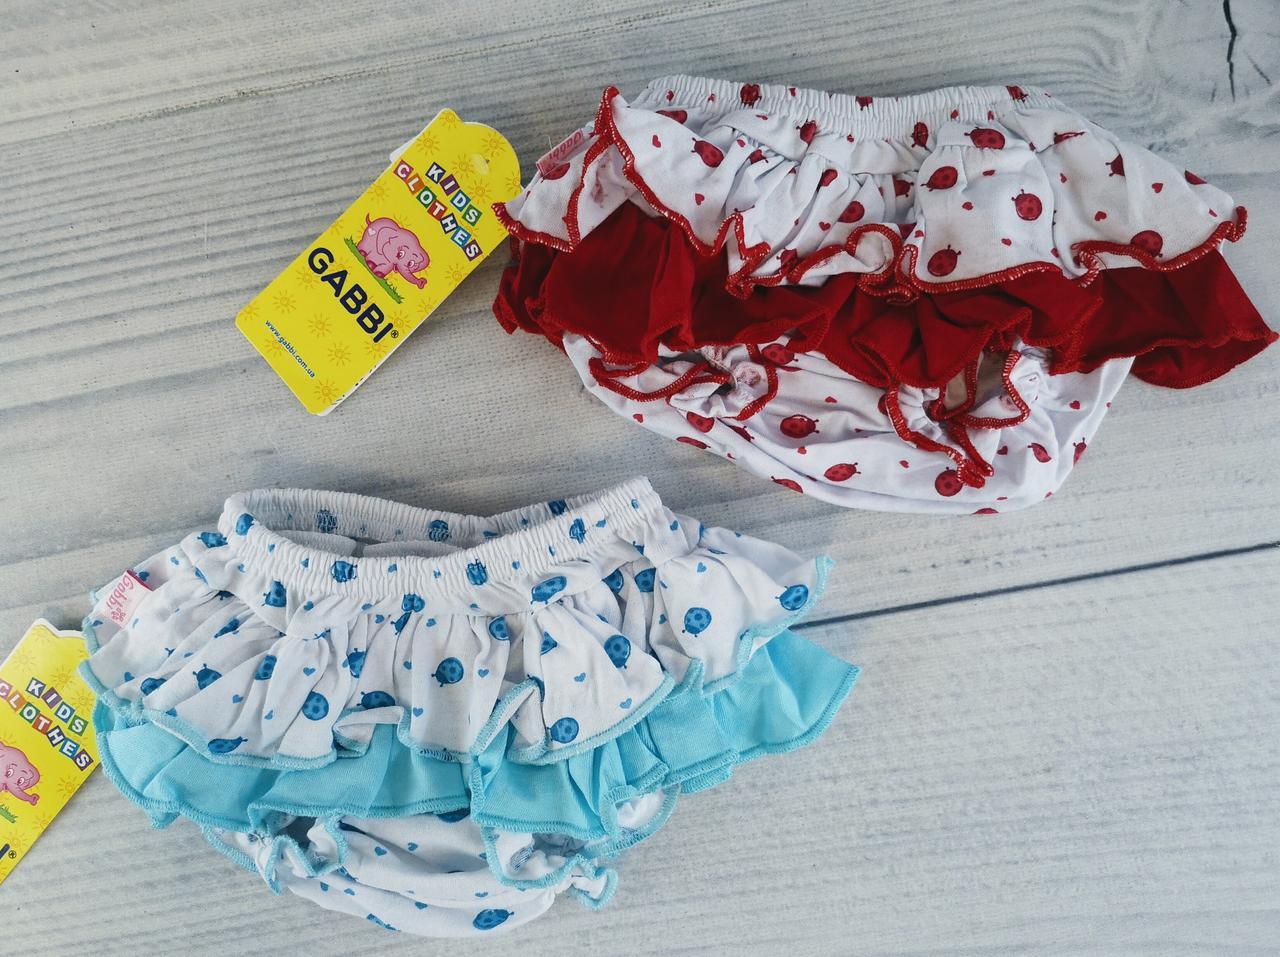 Трусики для девочек 9 мес Размер 74 Рюшечки Хлопок 00334(74) GABBI Украина